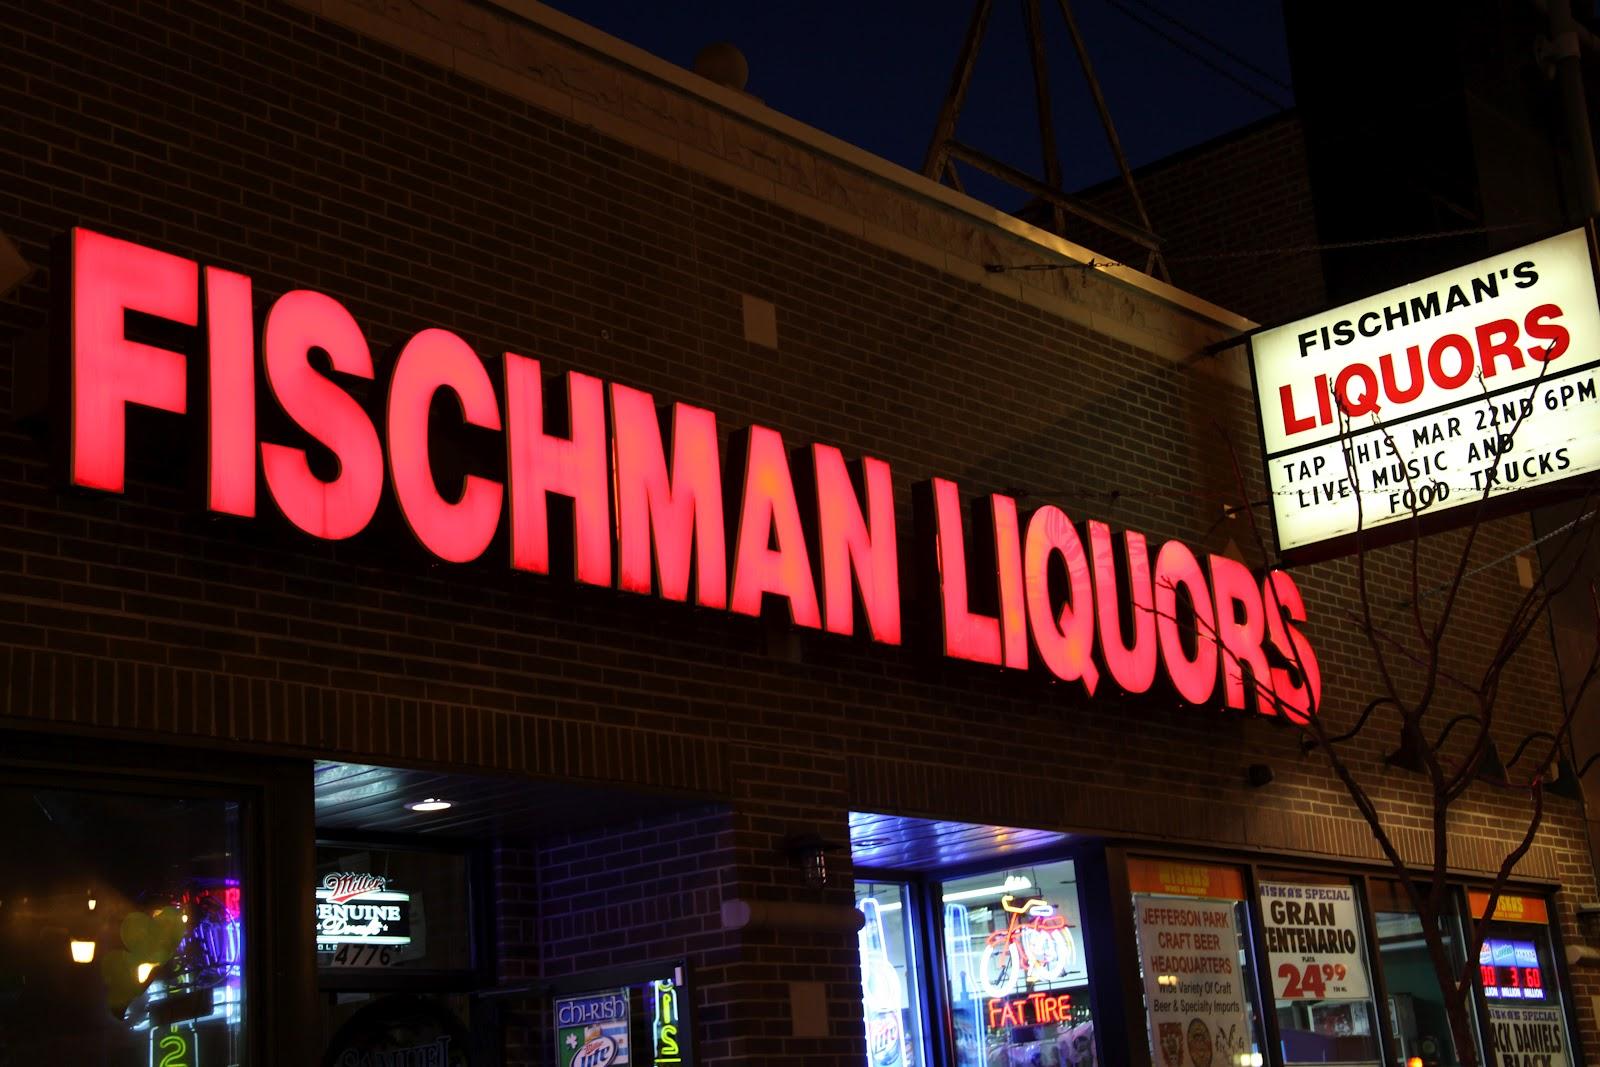 Fischman's Liquor